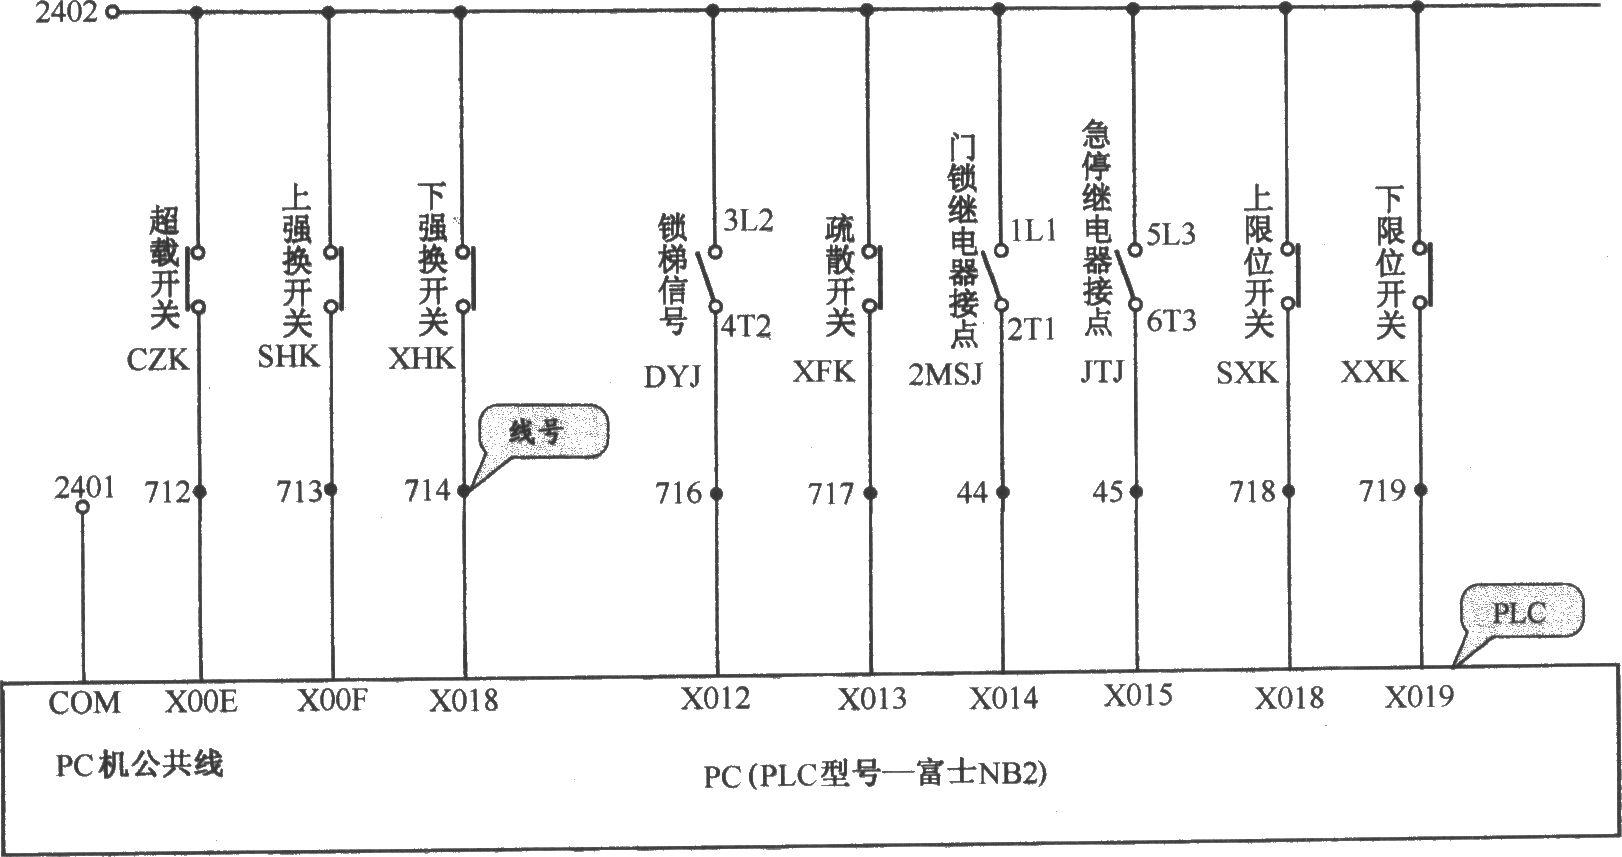 本电路图所用到的元器件: G11UD 北京图捷电梯主电路:  北京图捷电梯电源电路:  北京图捷电梯安全回路电路:  北京图捷电梯抱闸电路:  北京图捷电梯控制电路(1):  北京图捷电梯控制电路(2):  北京图捷电梯控制电路(3):  北京图捷电梯控制电路(4):  北京图捷电梯内选与外呼电路:  北京图捷电梯开门机电路:  北京图捷电梯指示灯电路:  北京图捷电梯照明与PLC用电电路:  北京图捷电梯接触器接线电路: